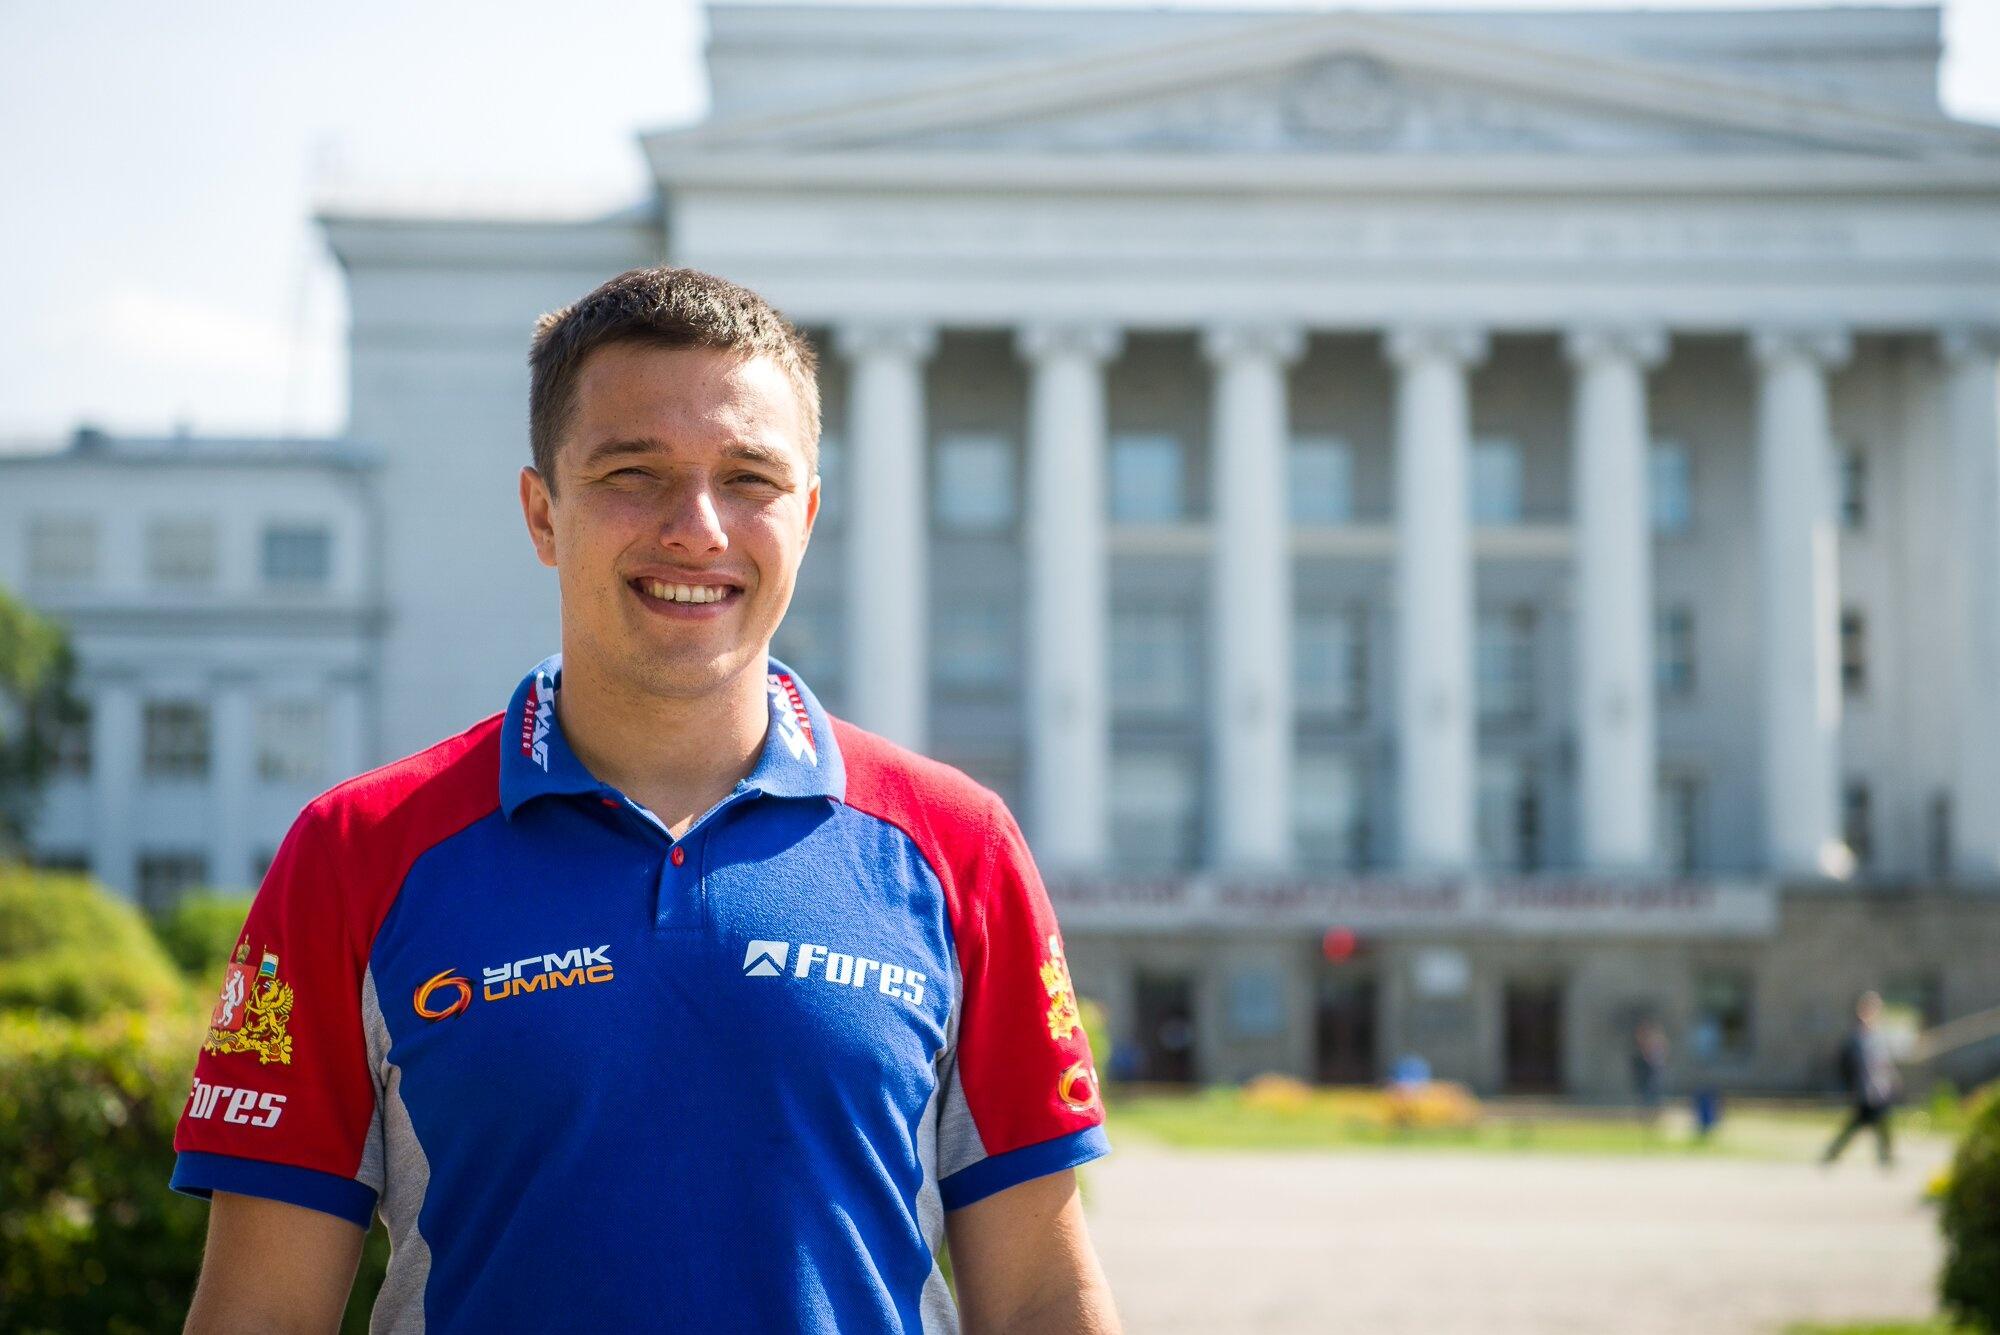 Во время учебы в УПИ Карякин успел пройти практику на заводе гражданской авиации и «пощупать» двигатели